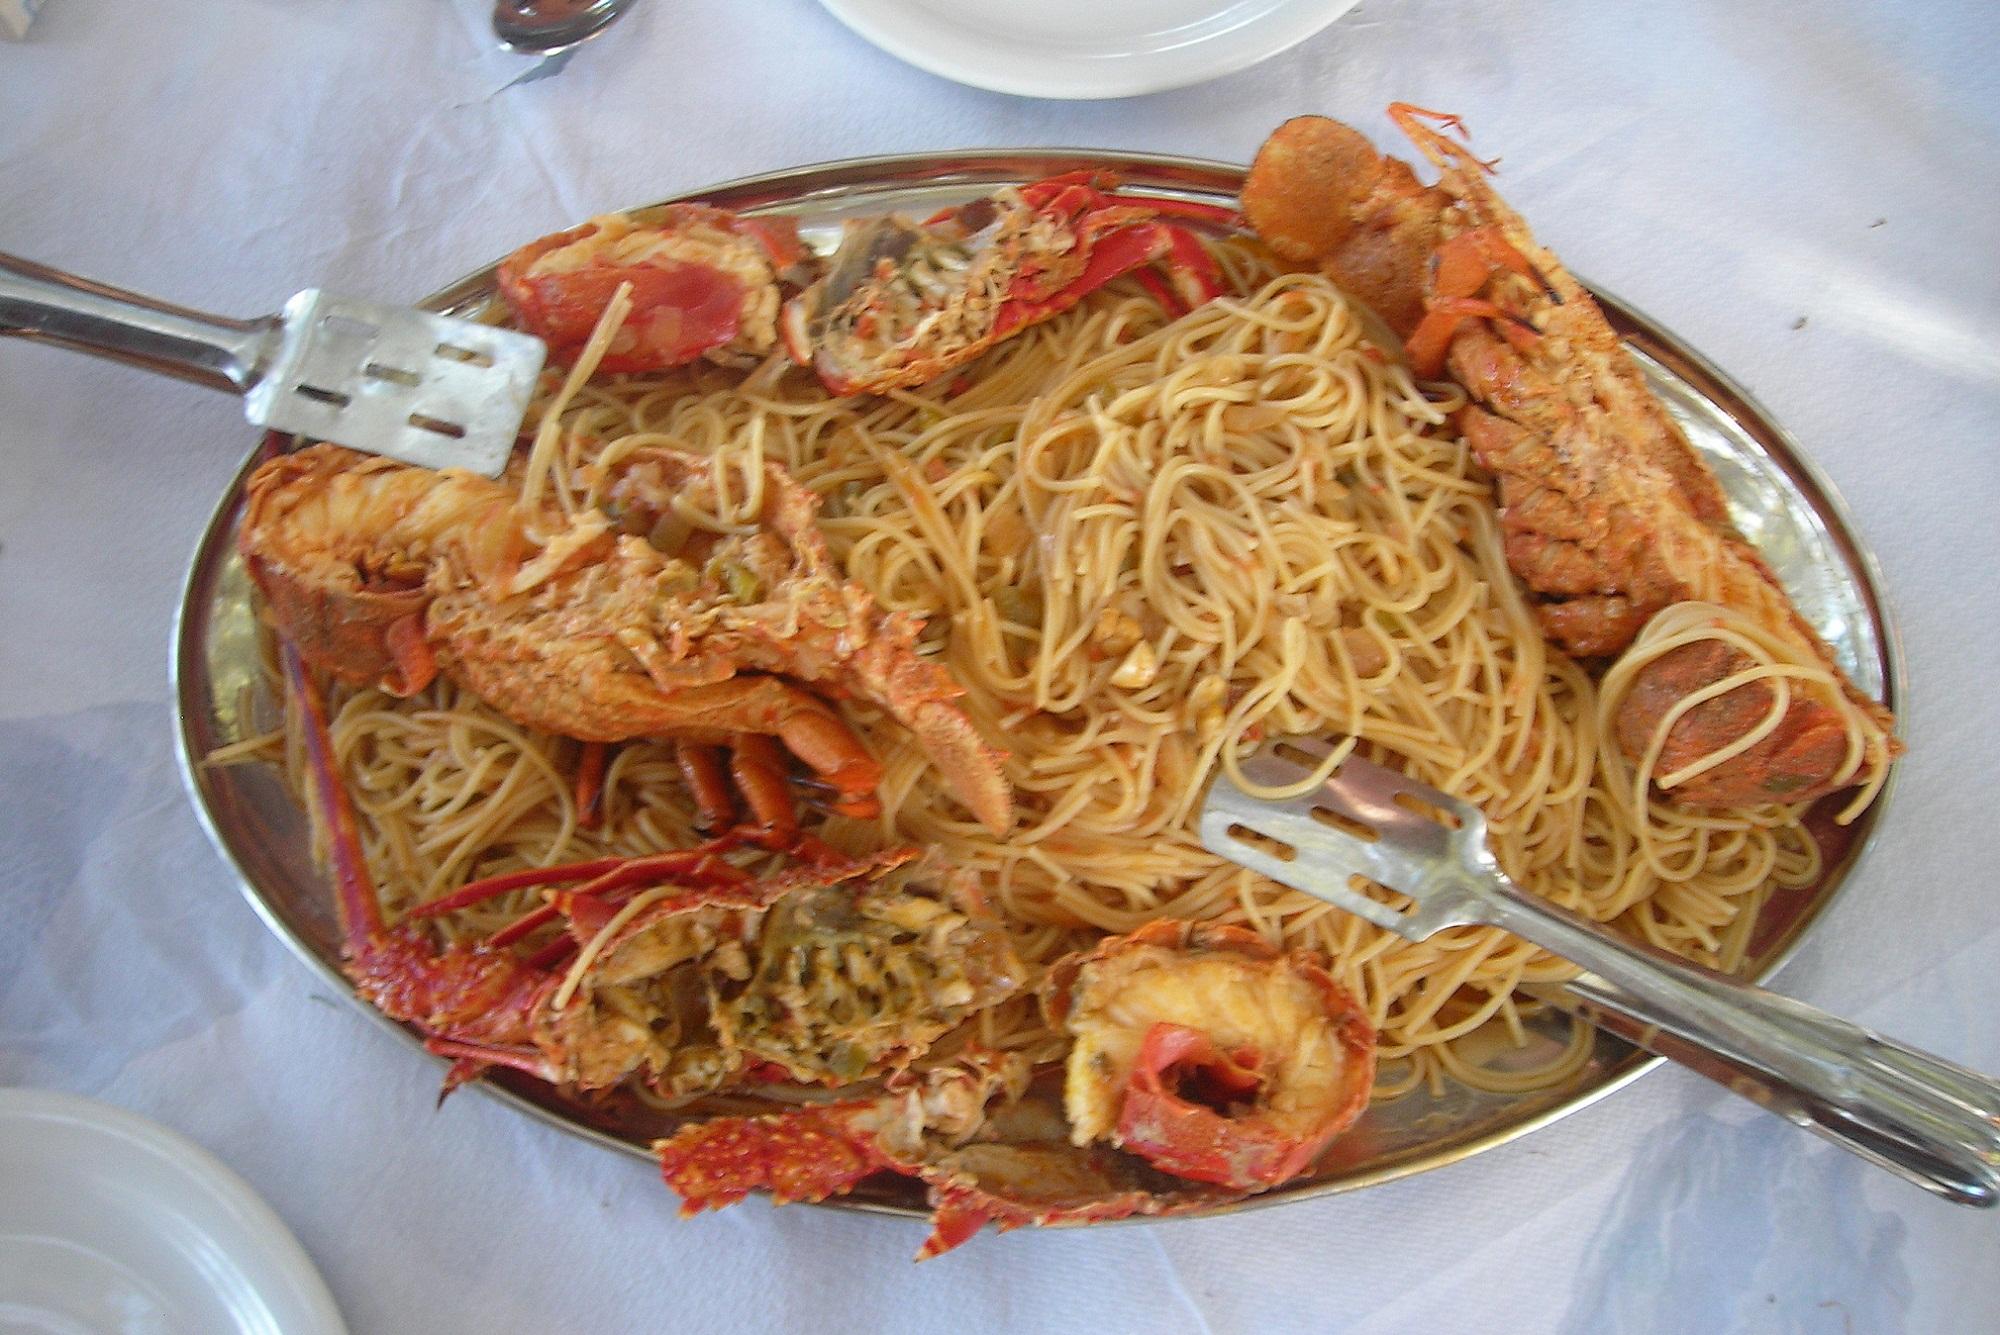 Kretische Küche | Kretische Kuche Und Gastronomie Restaurants Nur Wenige Meter Entfernt